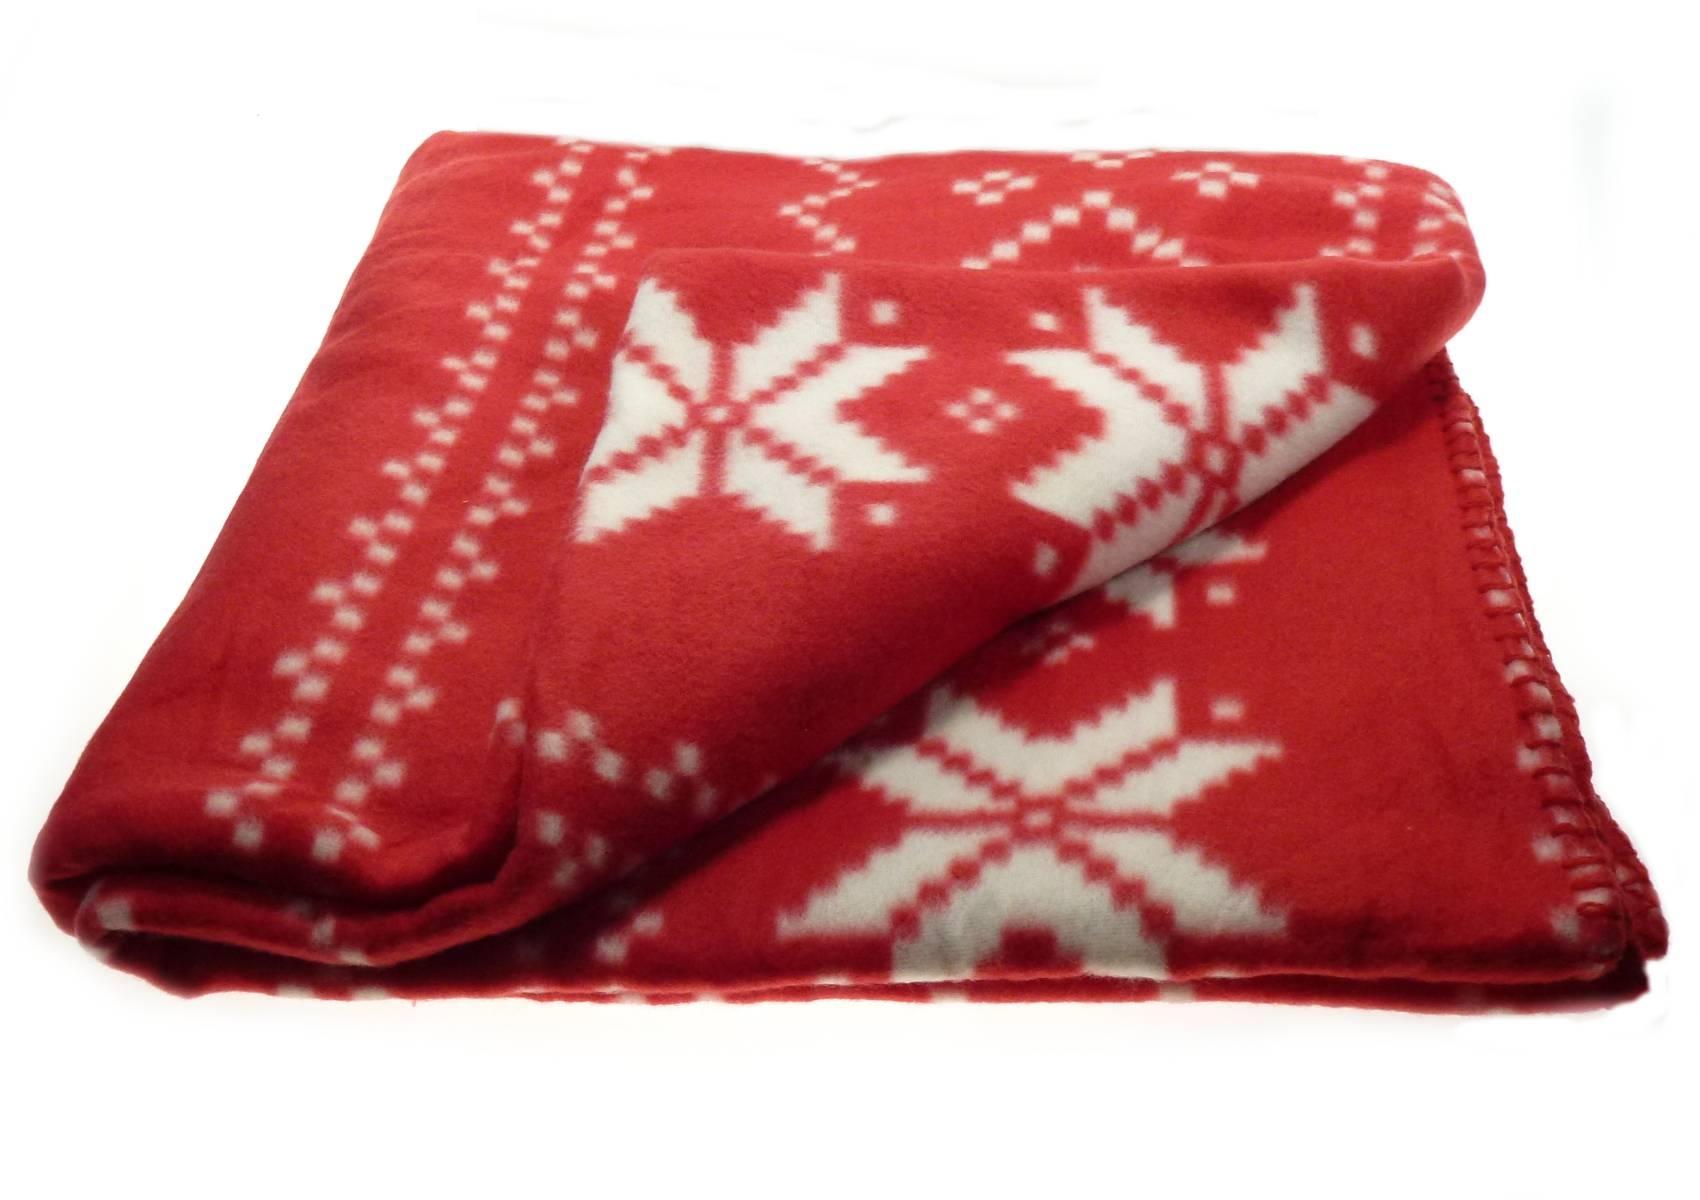 Christmas Soft Fleecy Throw Over Festive Xmas Polar Fleece Bed regarding Red Sofa Throws (Image 5 of 25)